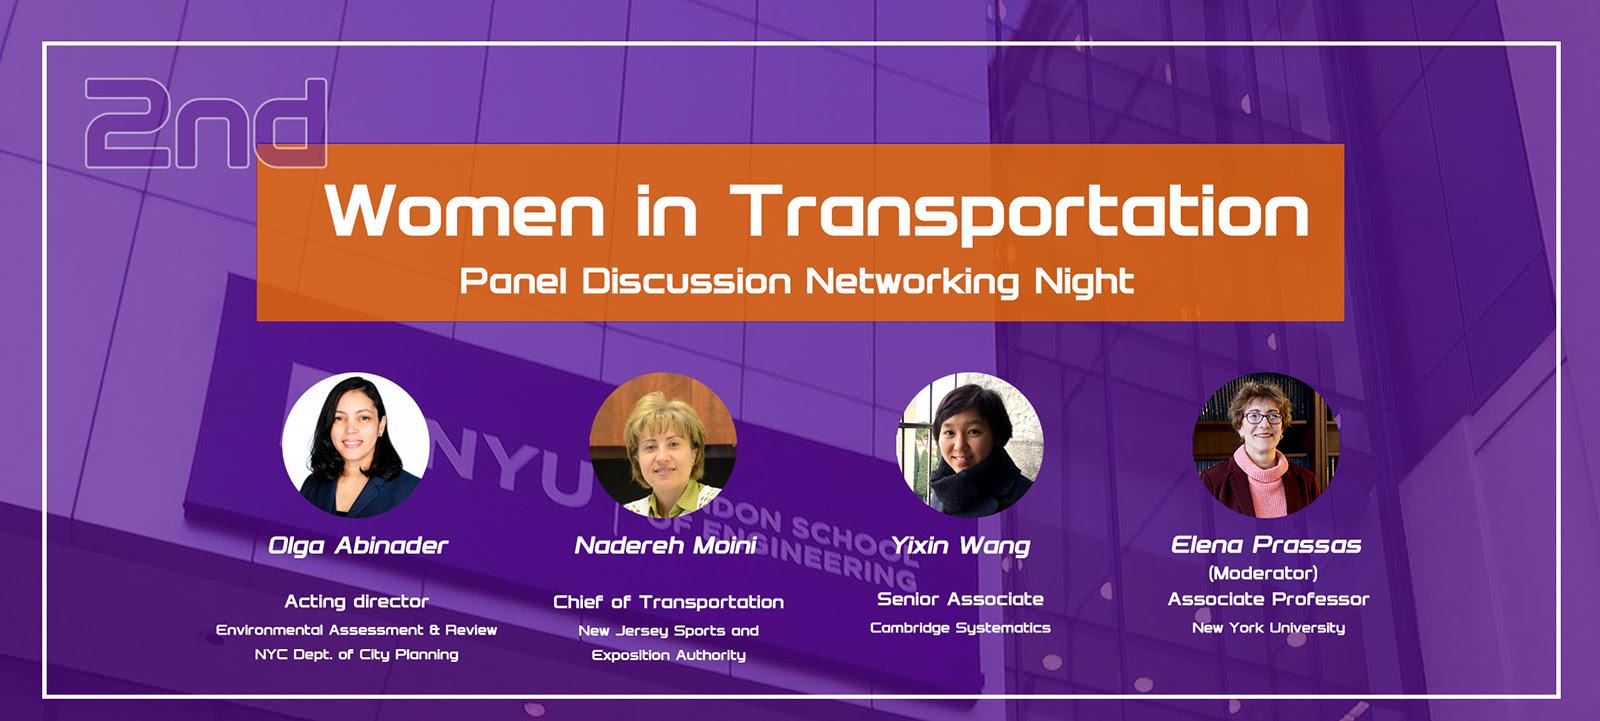 Women in Transportation feature